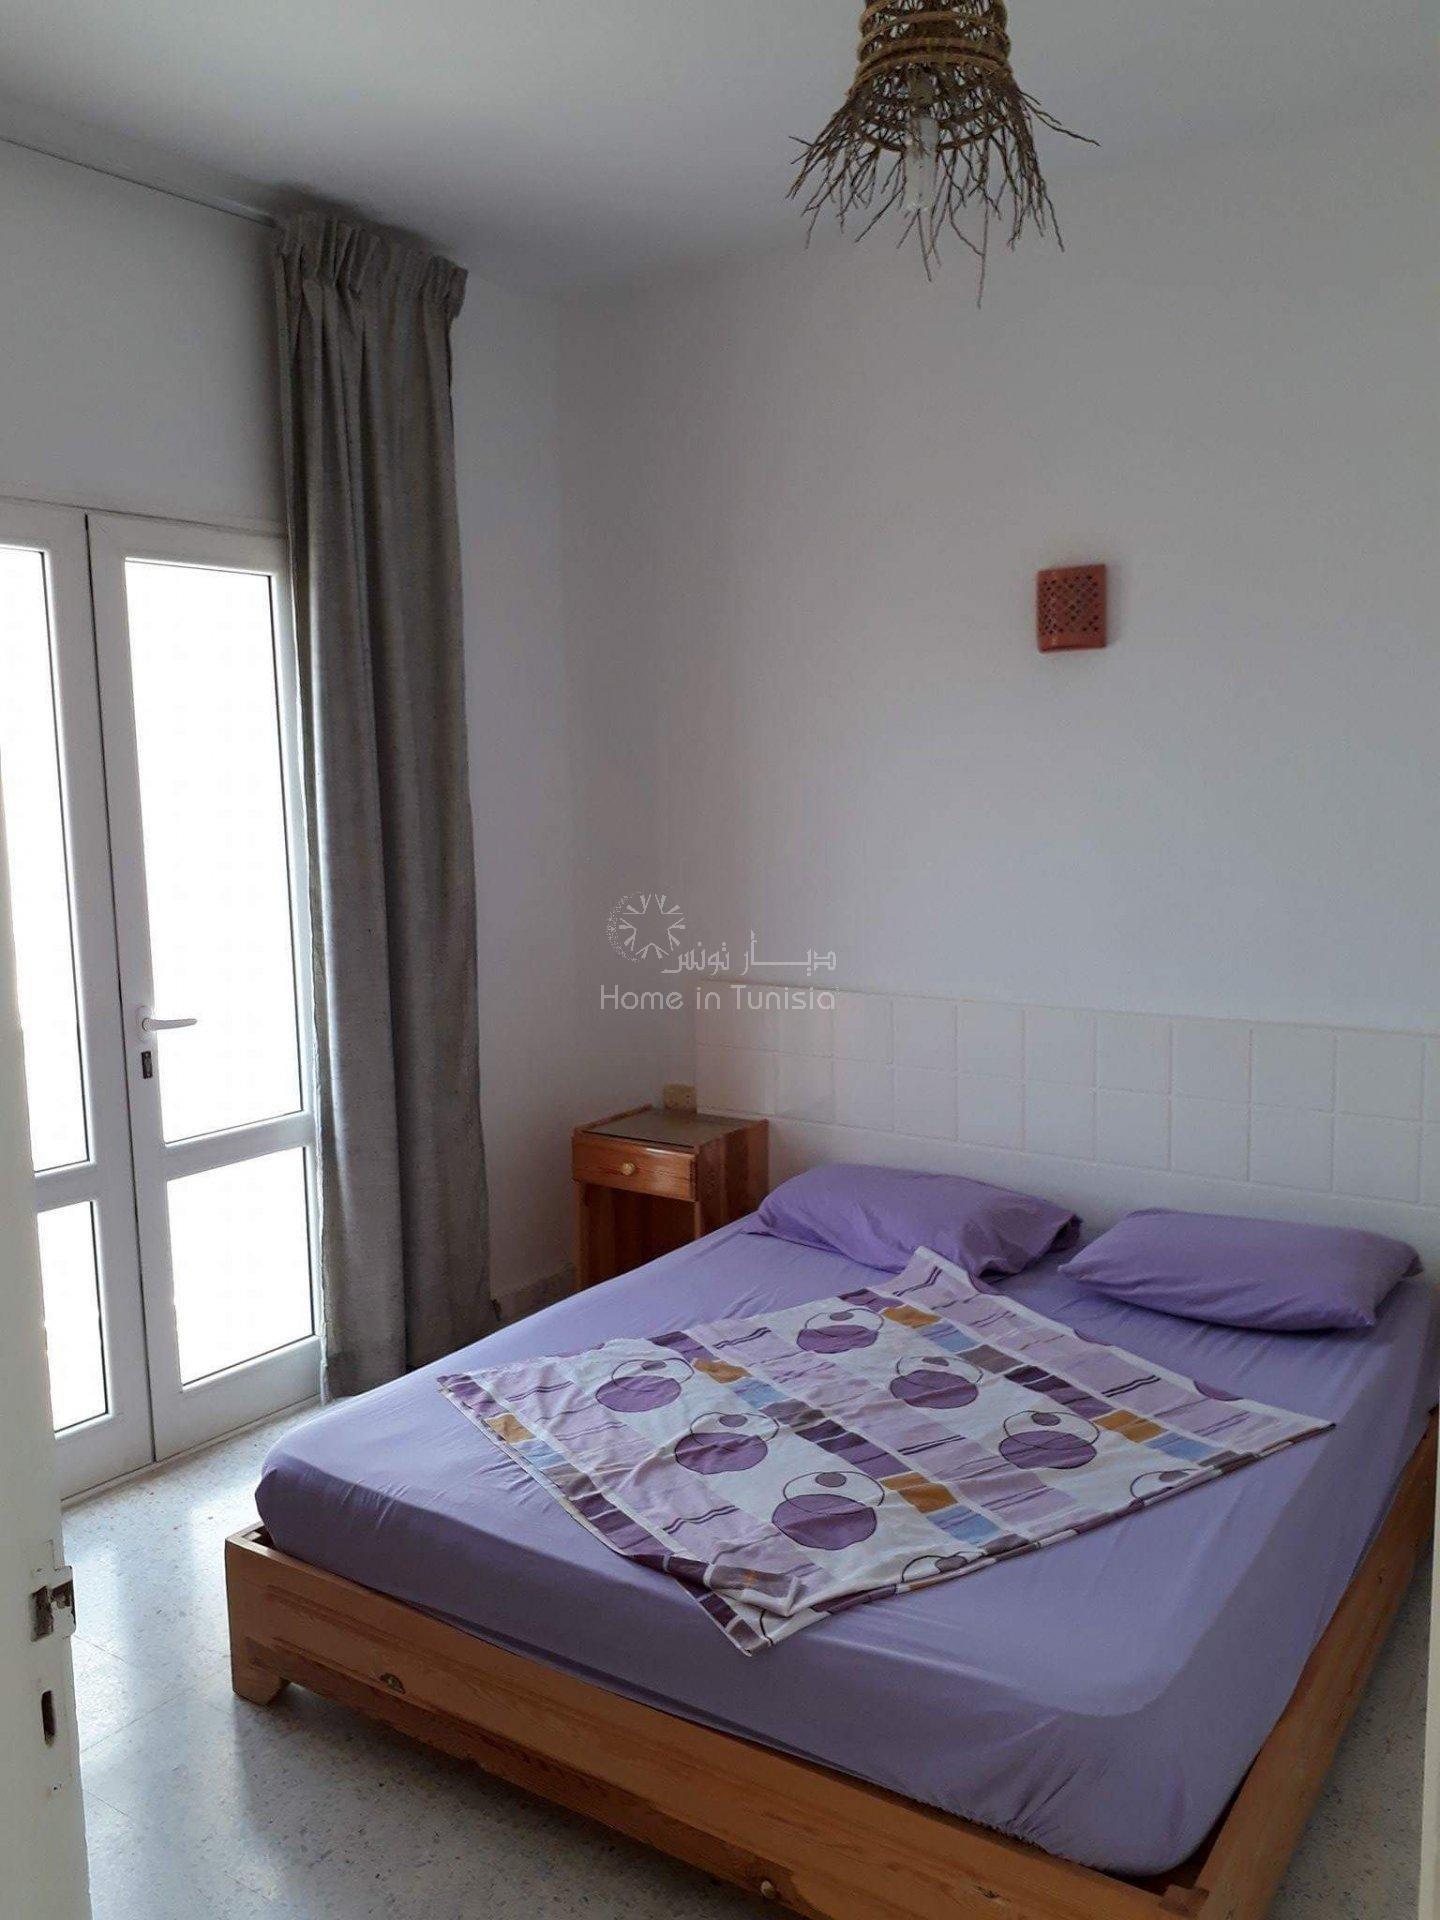 Appartement de vacance de type S+1 situé à  chatt meriem